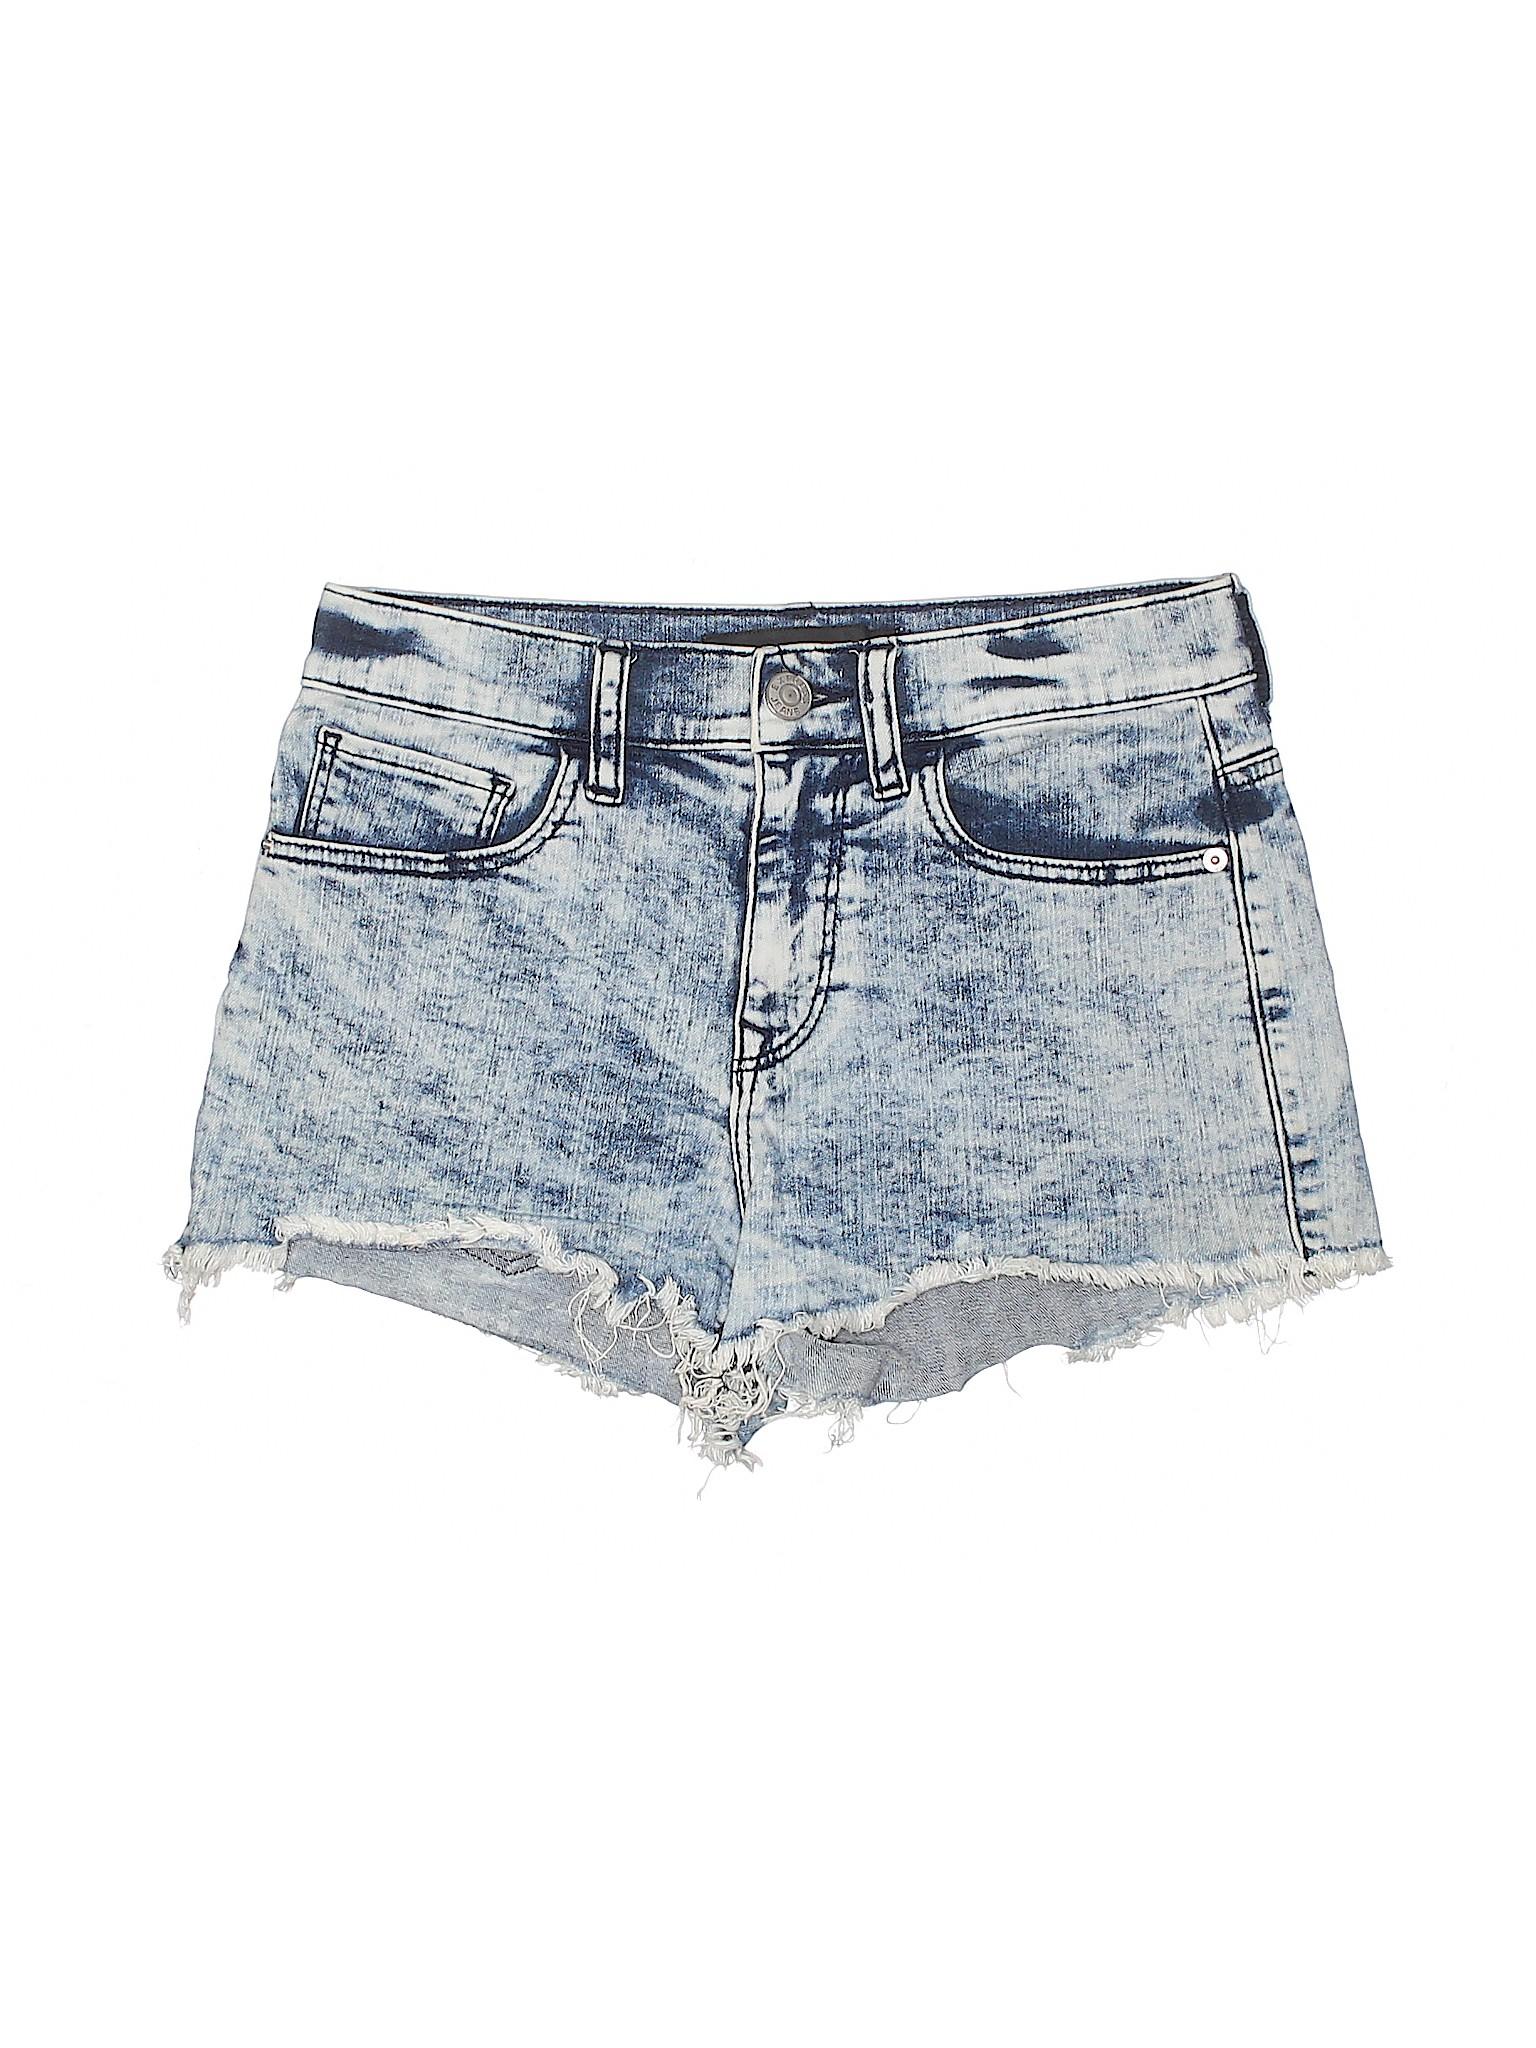 Express Boutique Shorts Boutique Express Denim Jeans Denim Jeans Shorts Boutique pqf7Yw